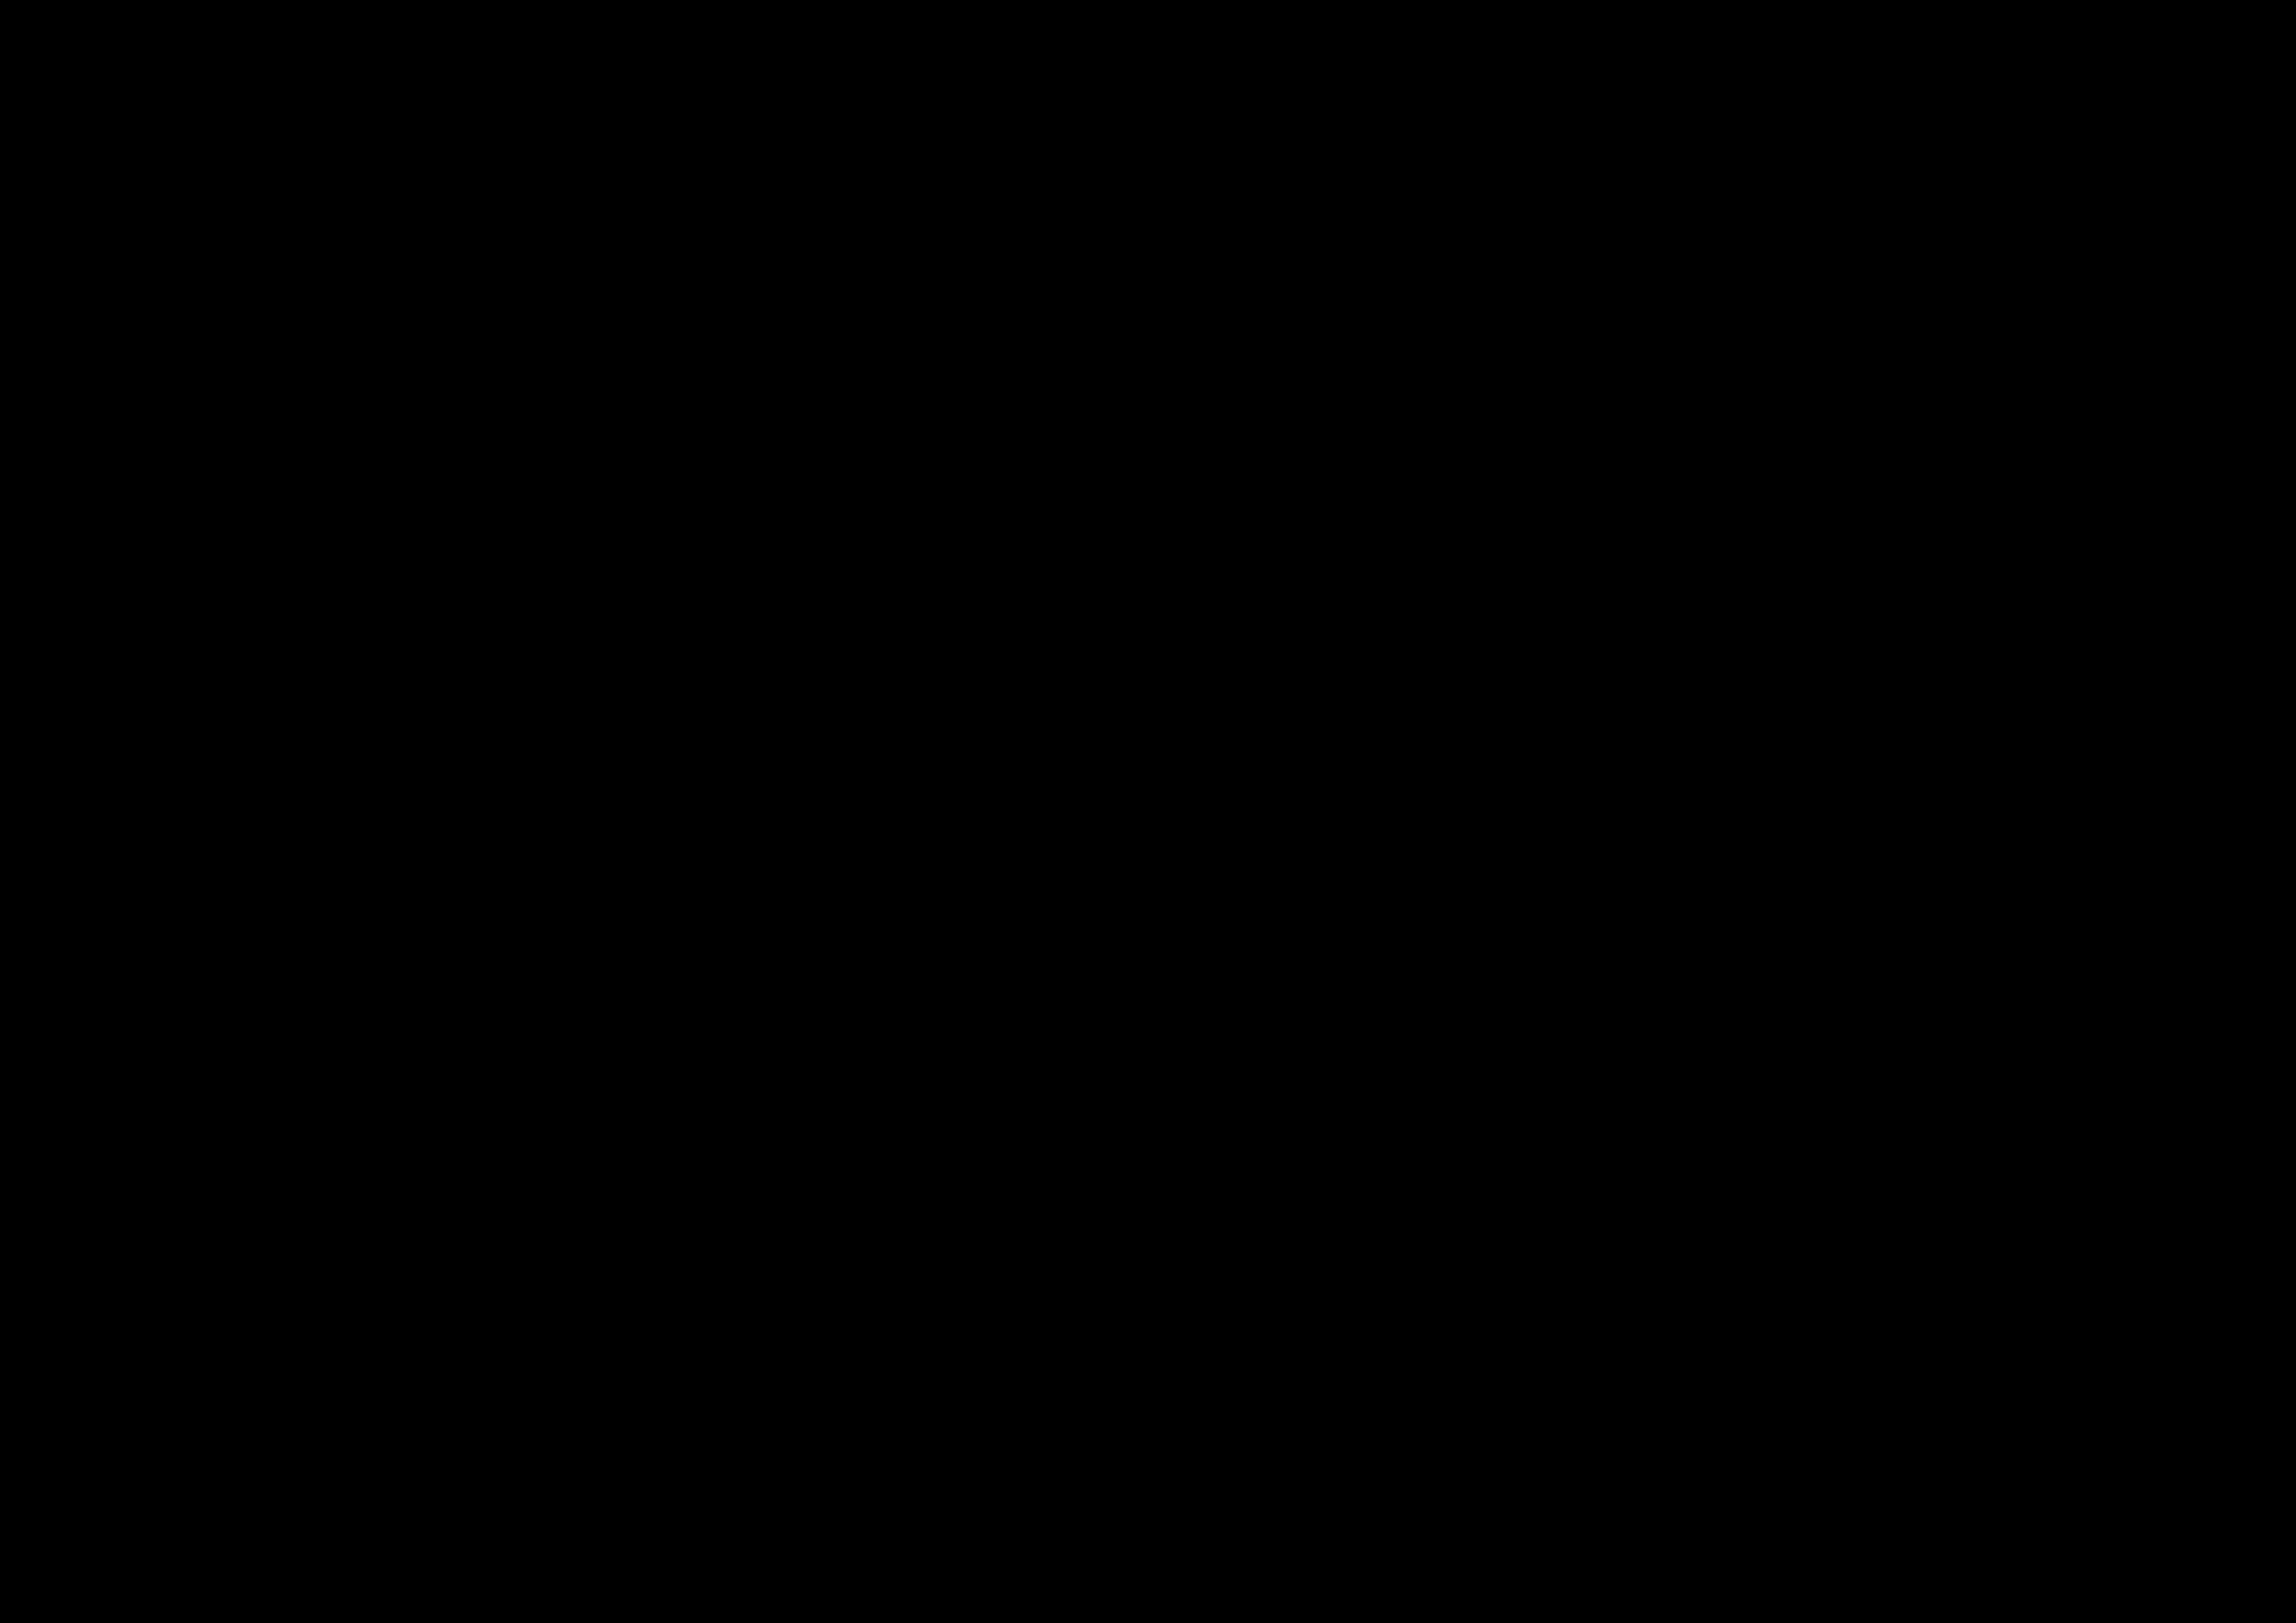 KONSENT